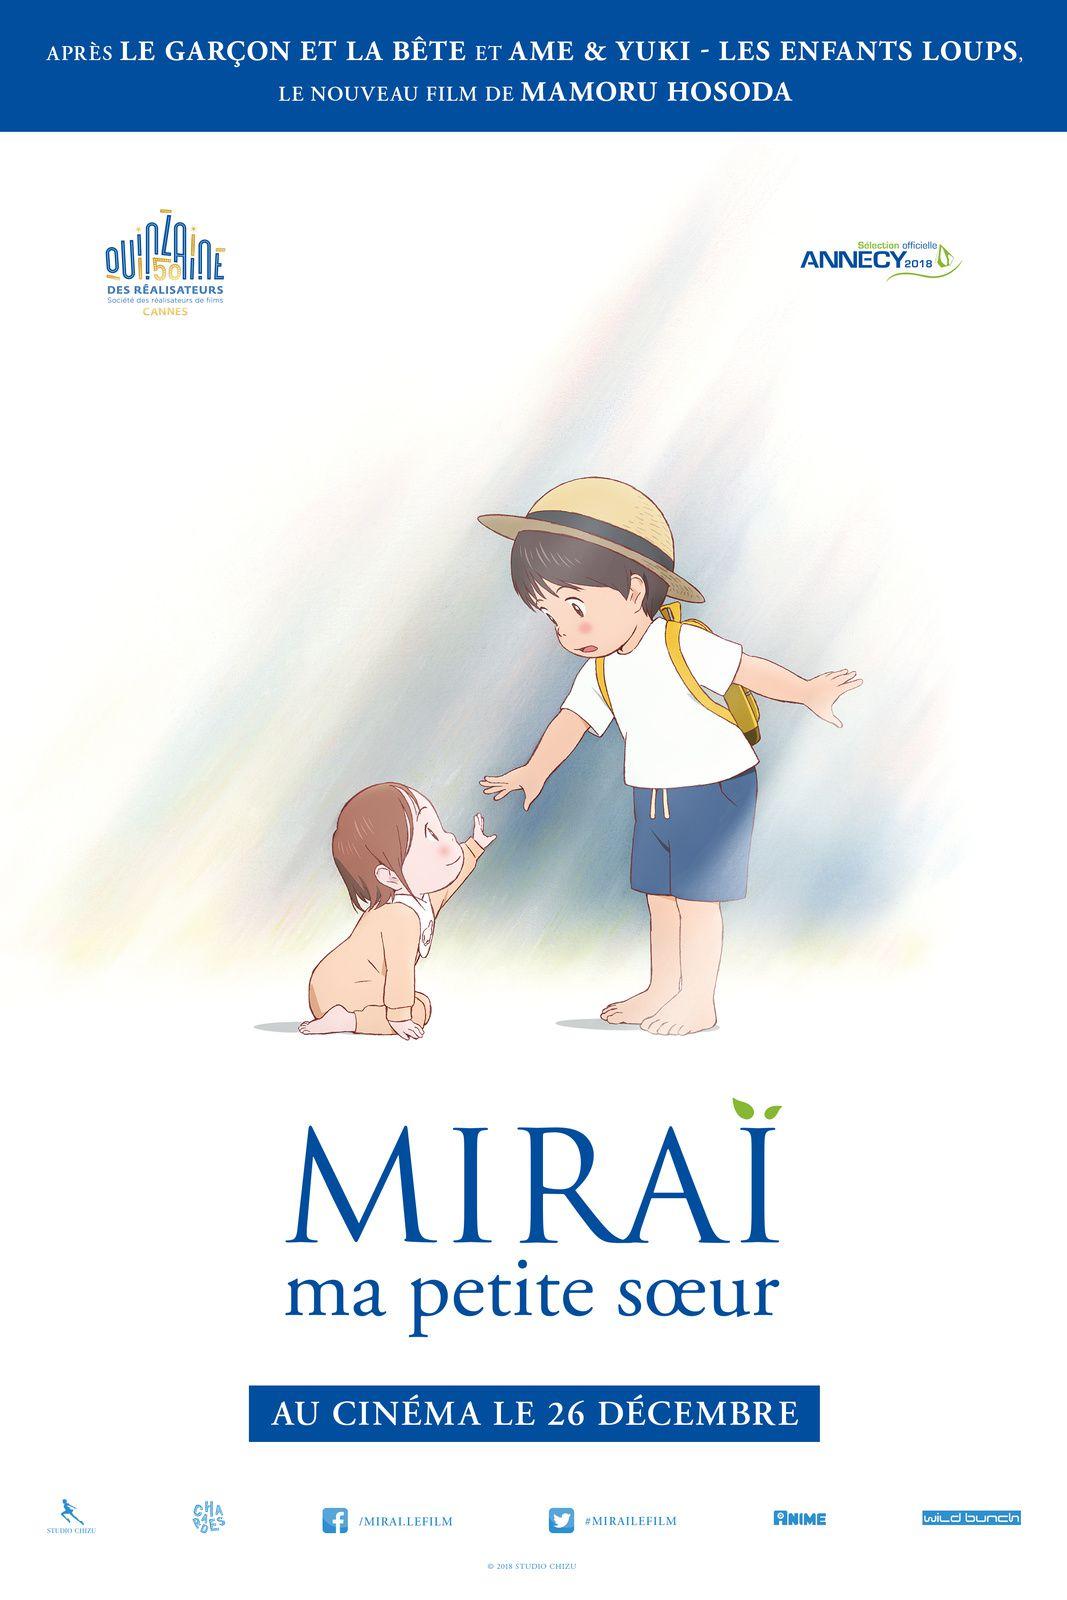 Bande-annonce en version française du film d'animation Miraï, ma petite soeur.